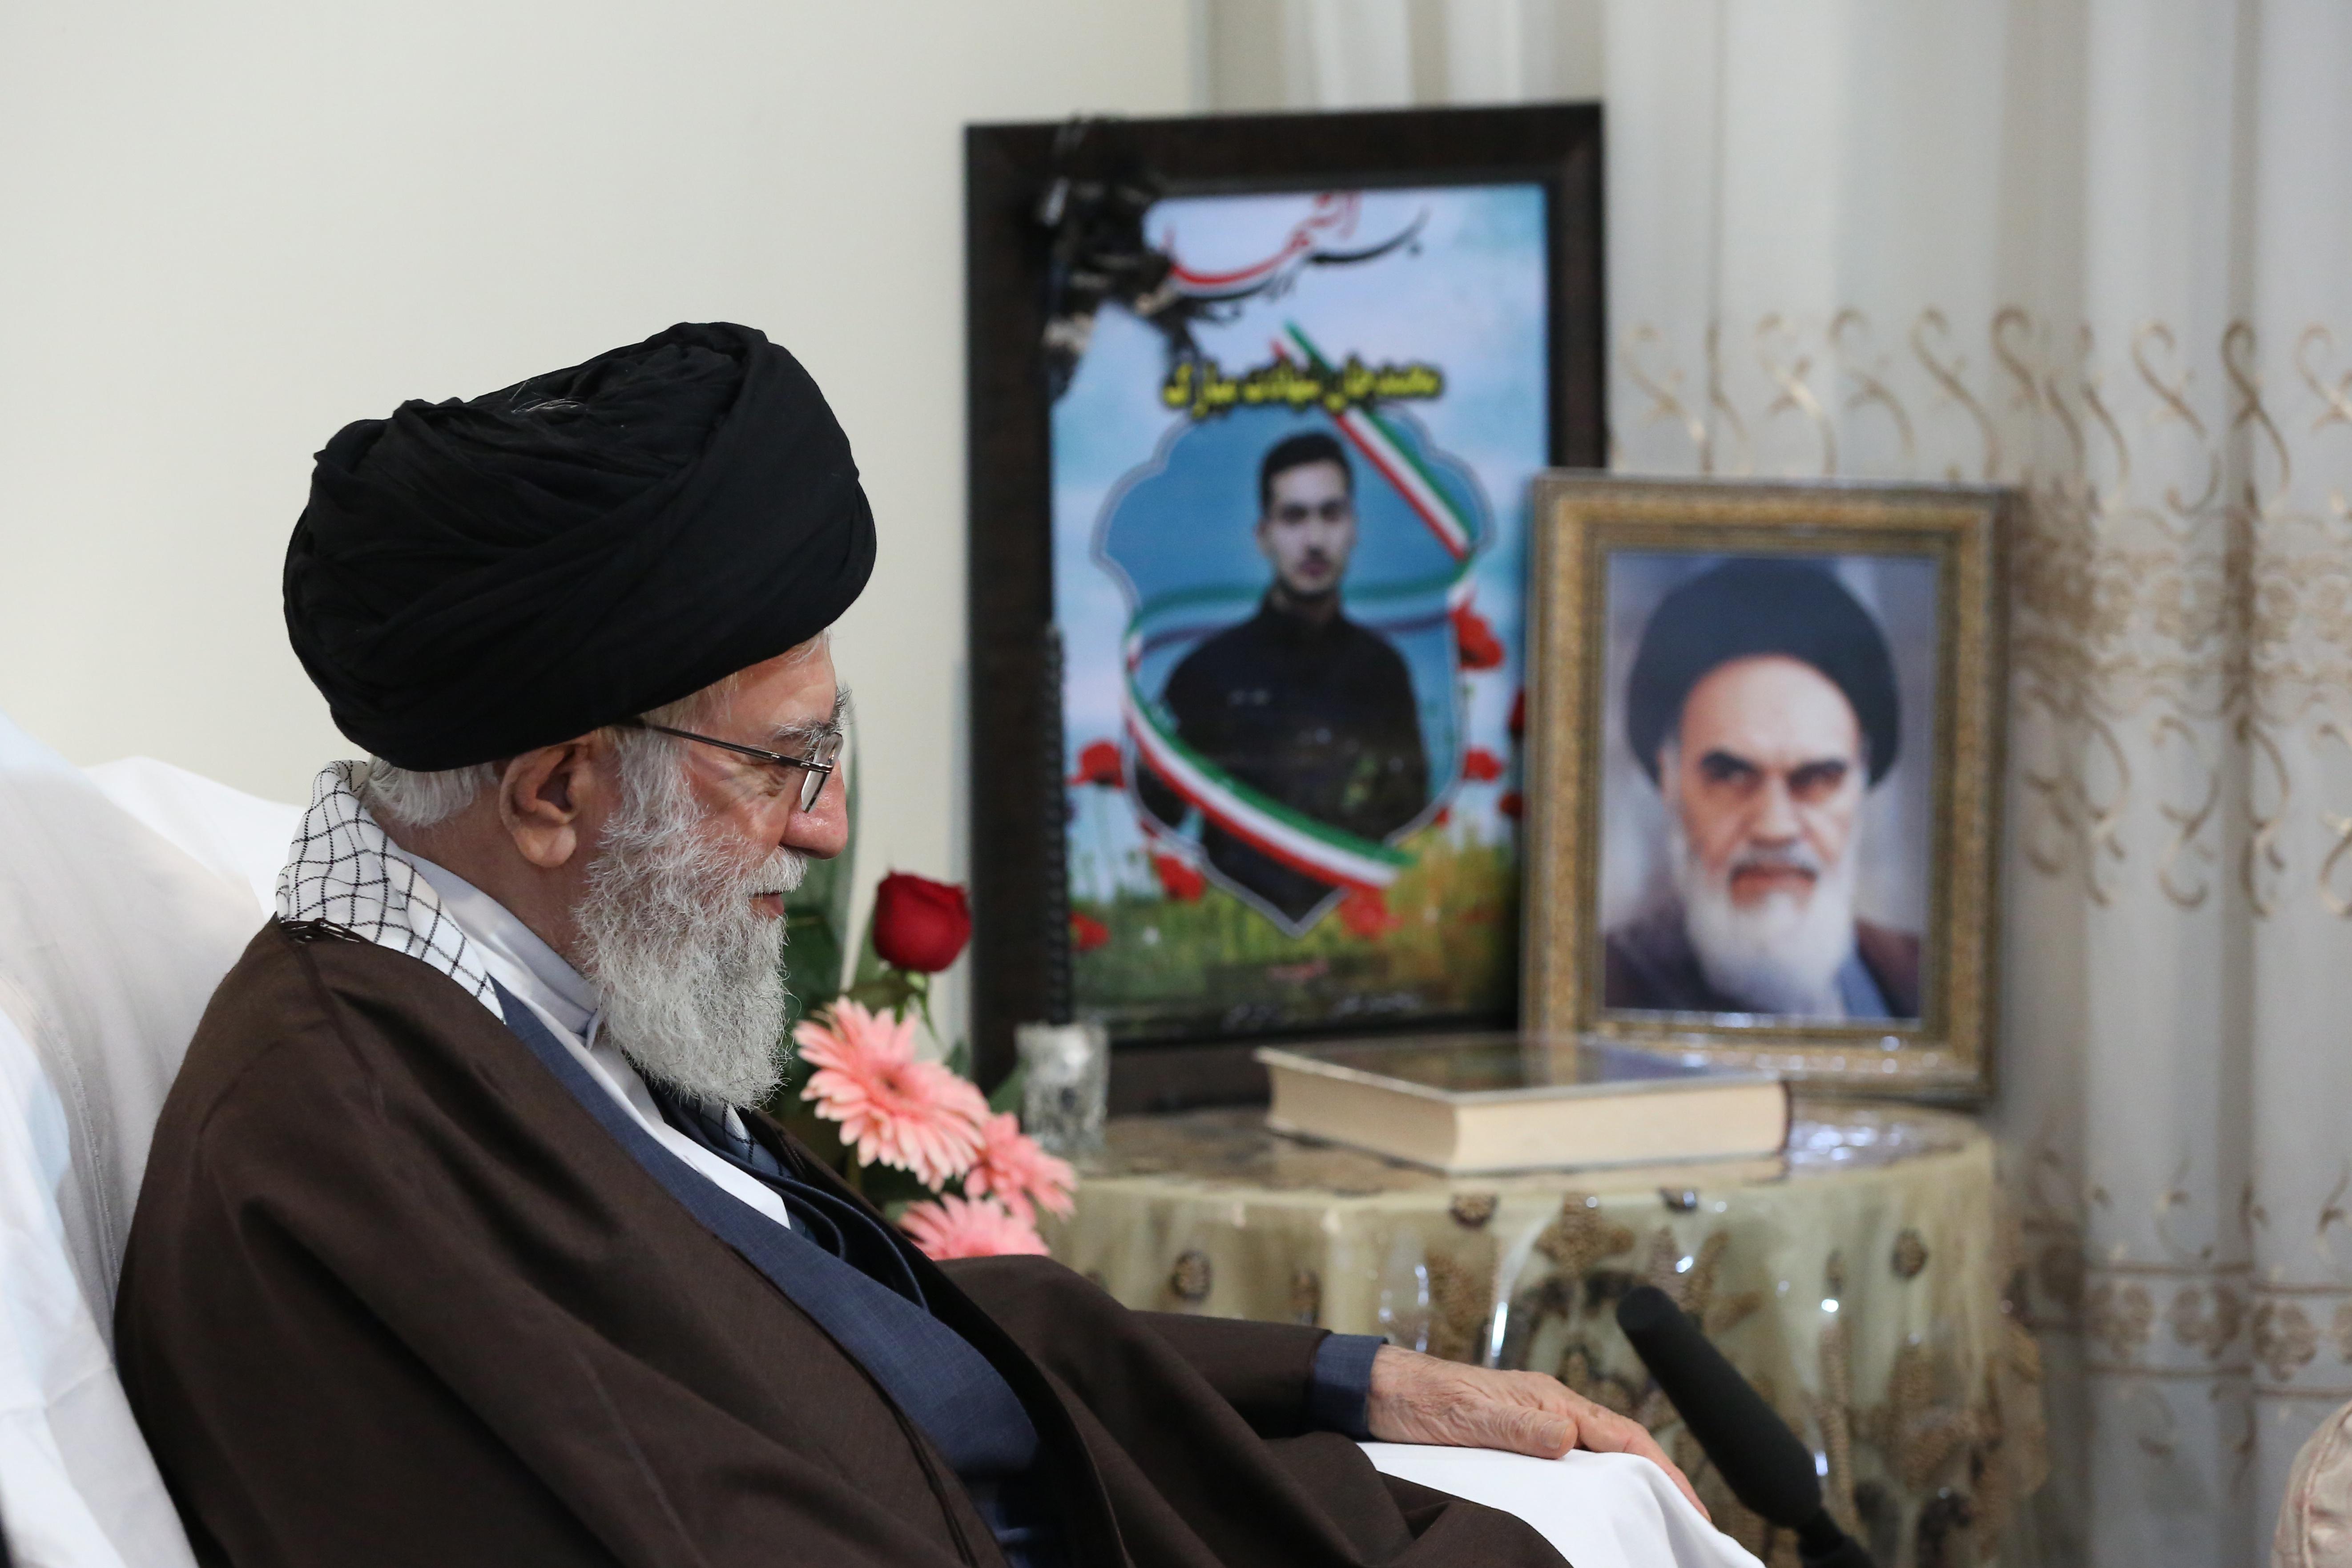 حضور در منزل شهید بایرامی از شهدای ناجا